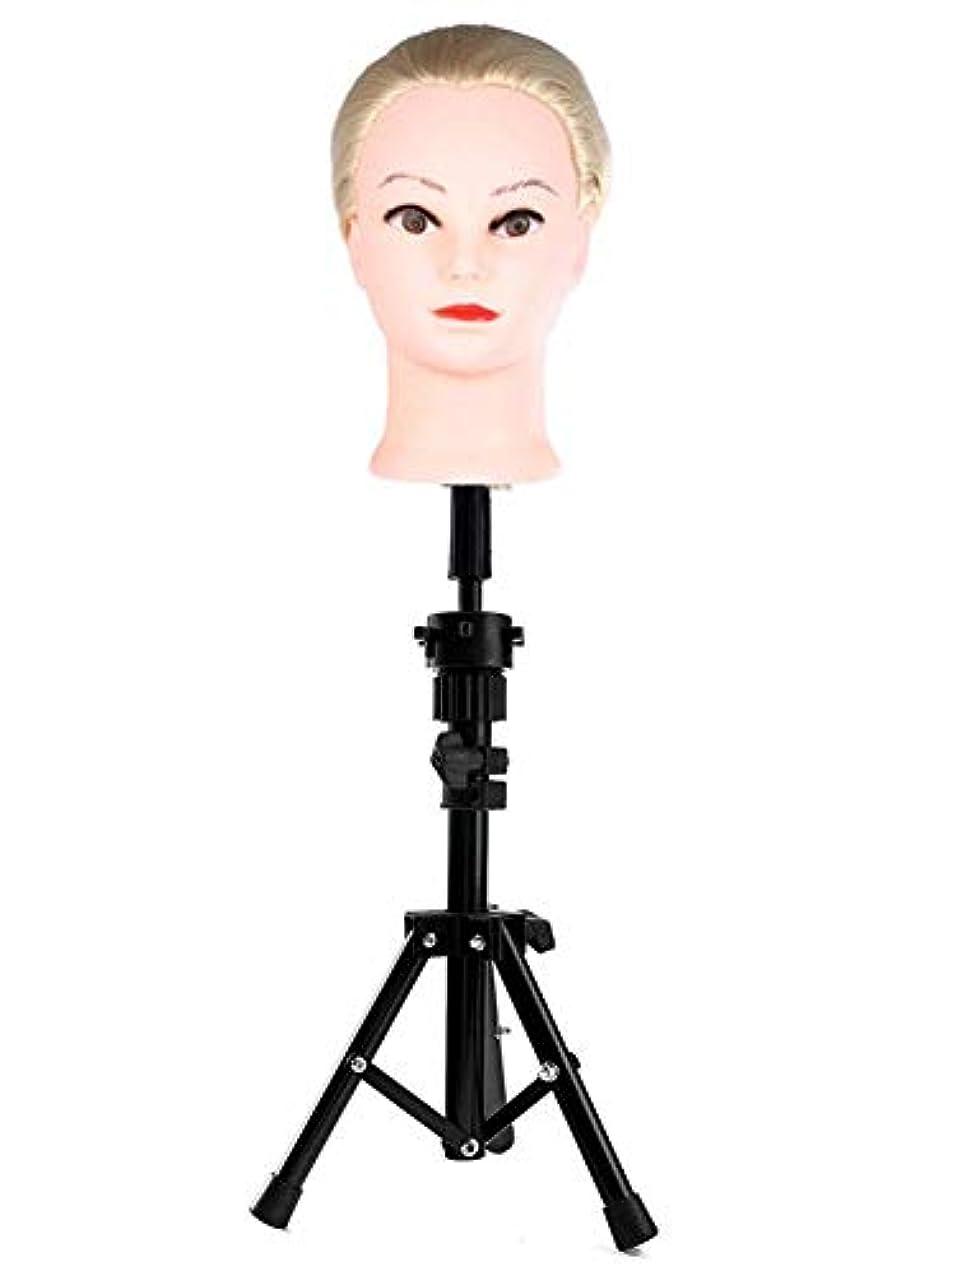 薄い好むパワースタンド付きで調整可能なヘアサロン三脚エクササイズヘッド用に調整可能な三脚調整可能な理髪三脚キャリングケース付きエクササイズヘッド用に調整可能なステンレス三脚